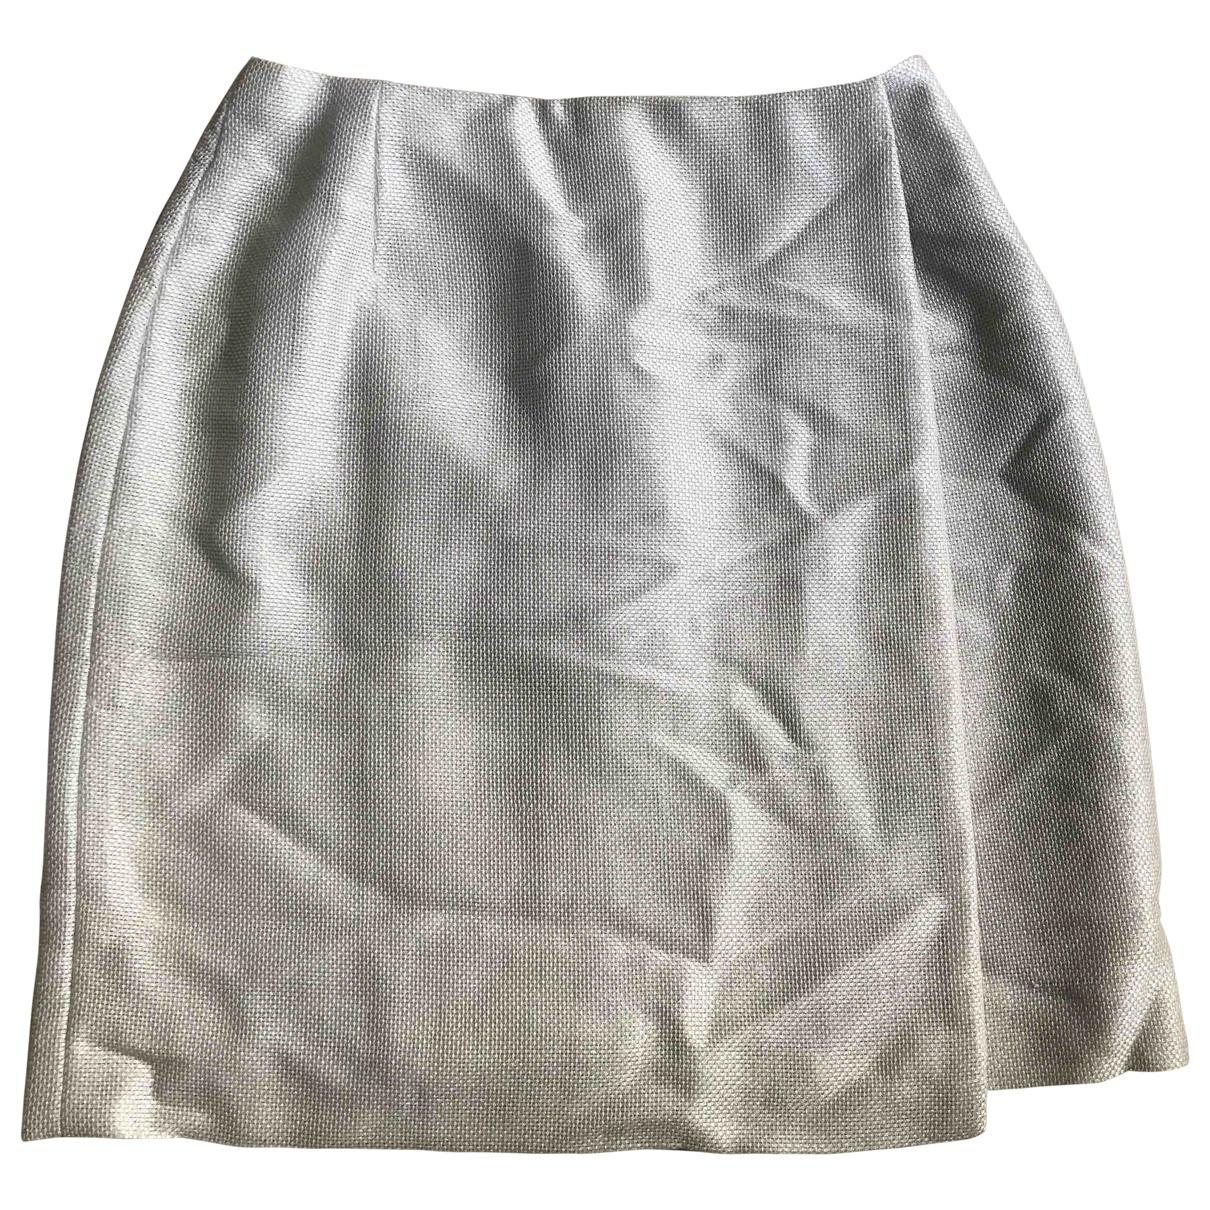 Celine \N Ecru Linen skirt for Women 38 FR